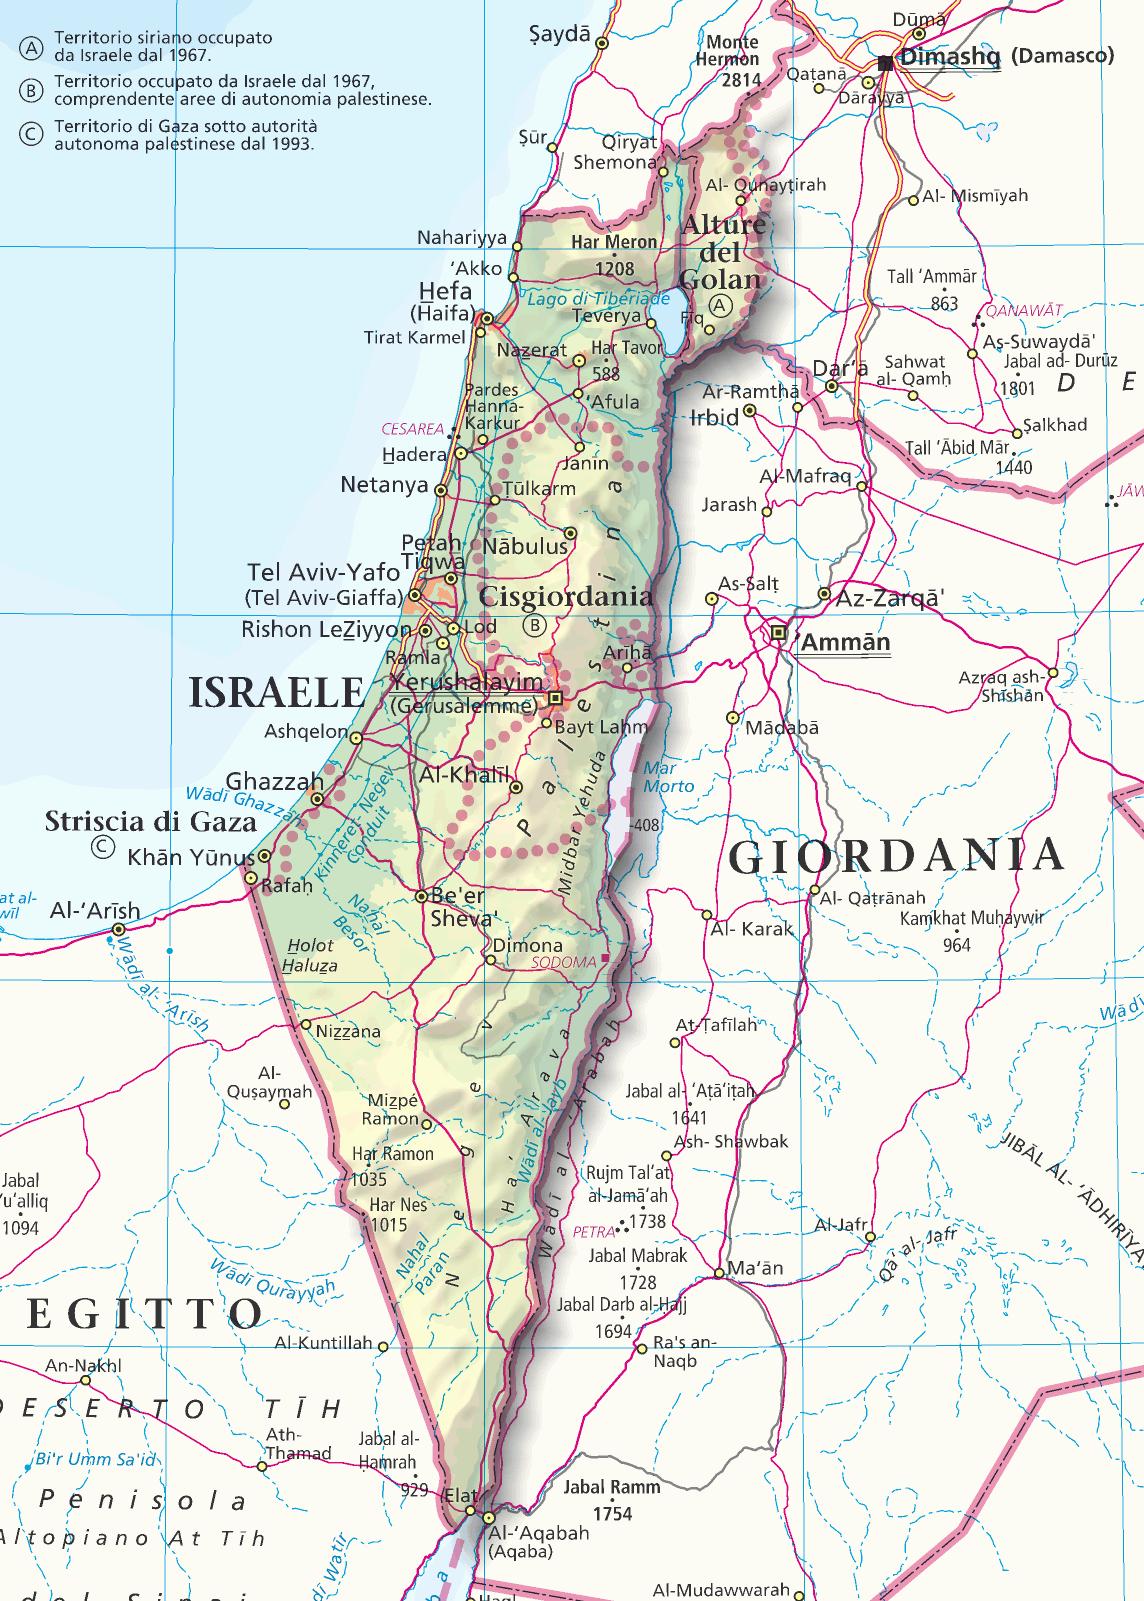 Cartina Israele E Palestina.Conoscere Per Capire La Terra Santa Oggi Officina Del